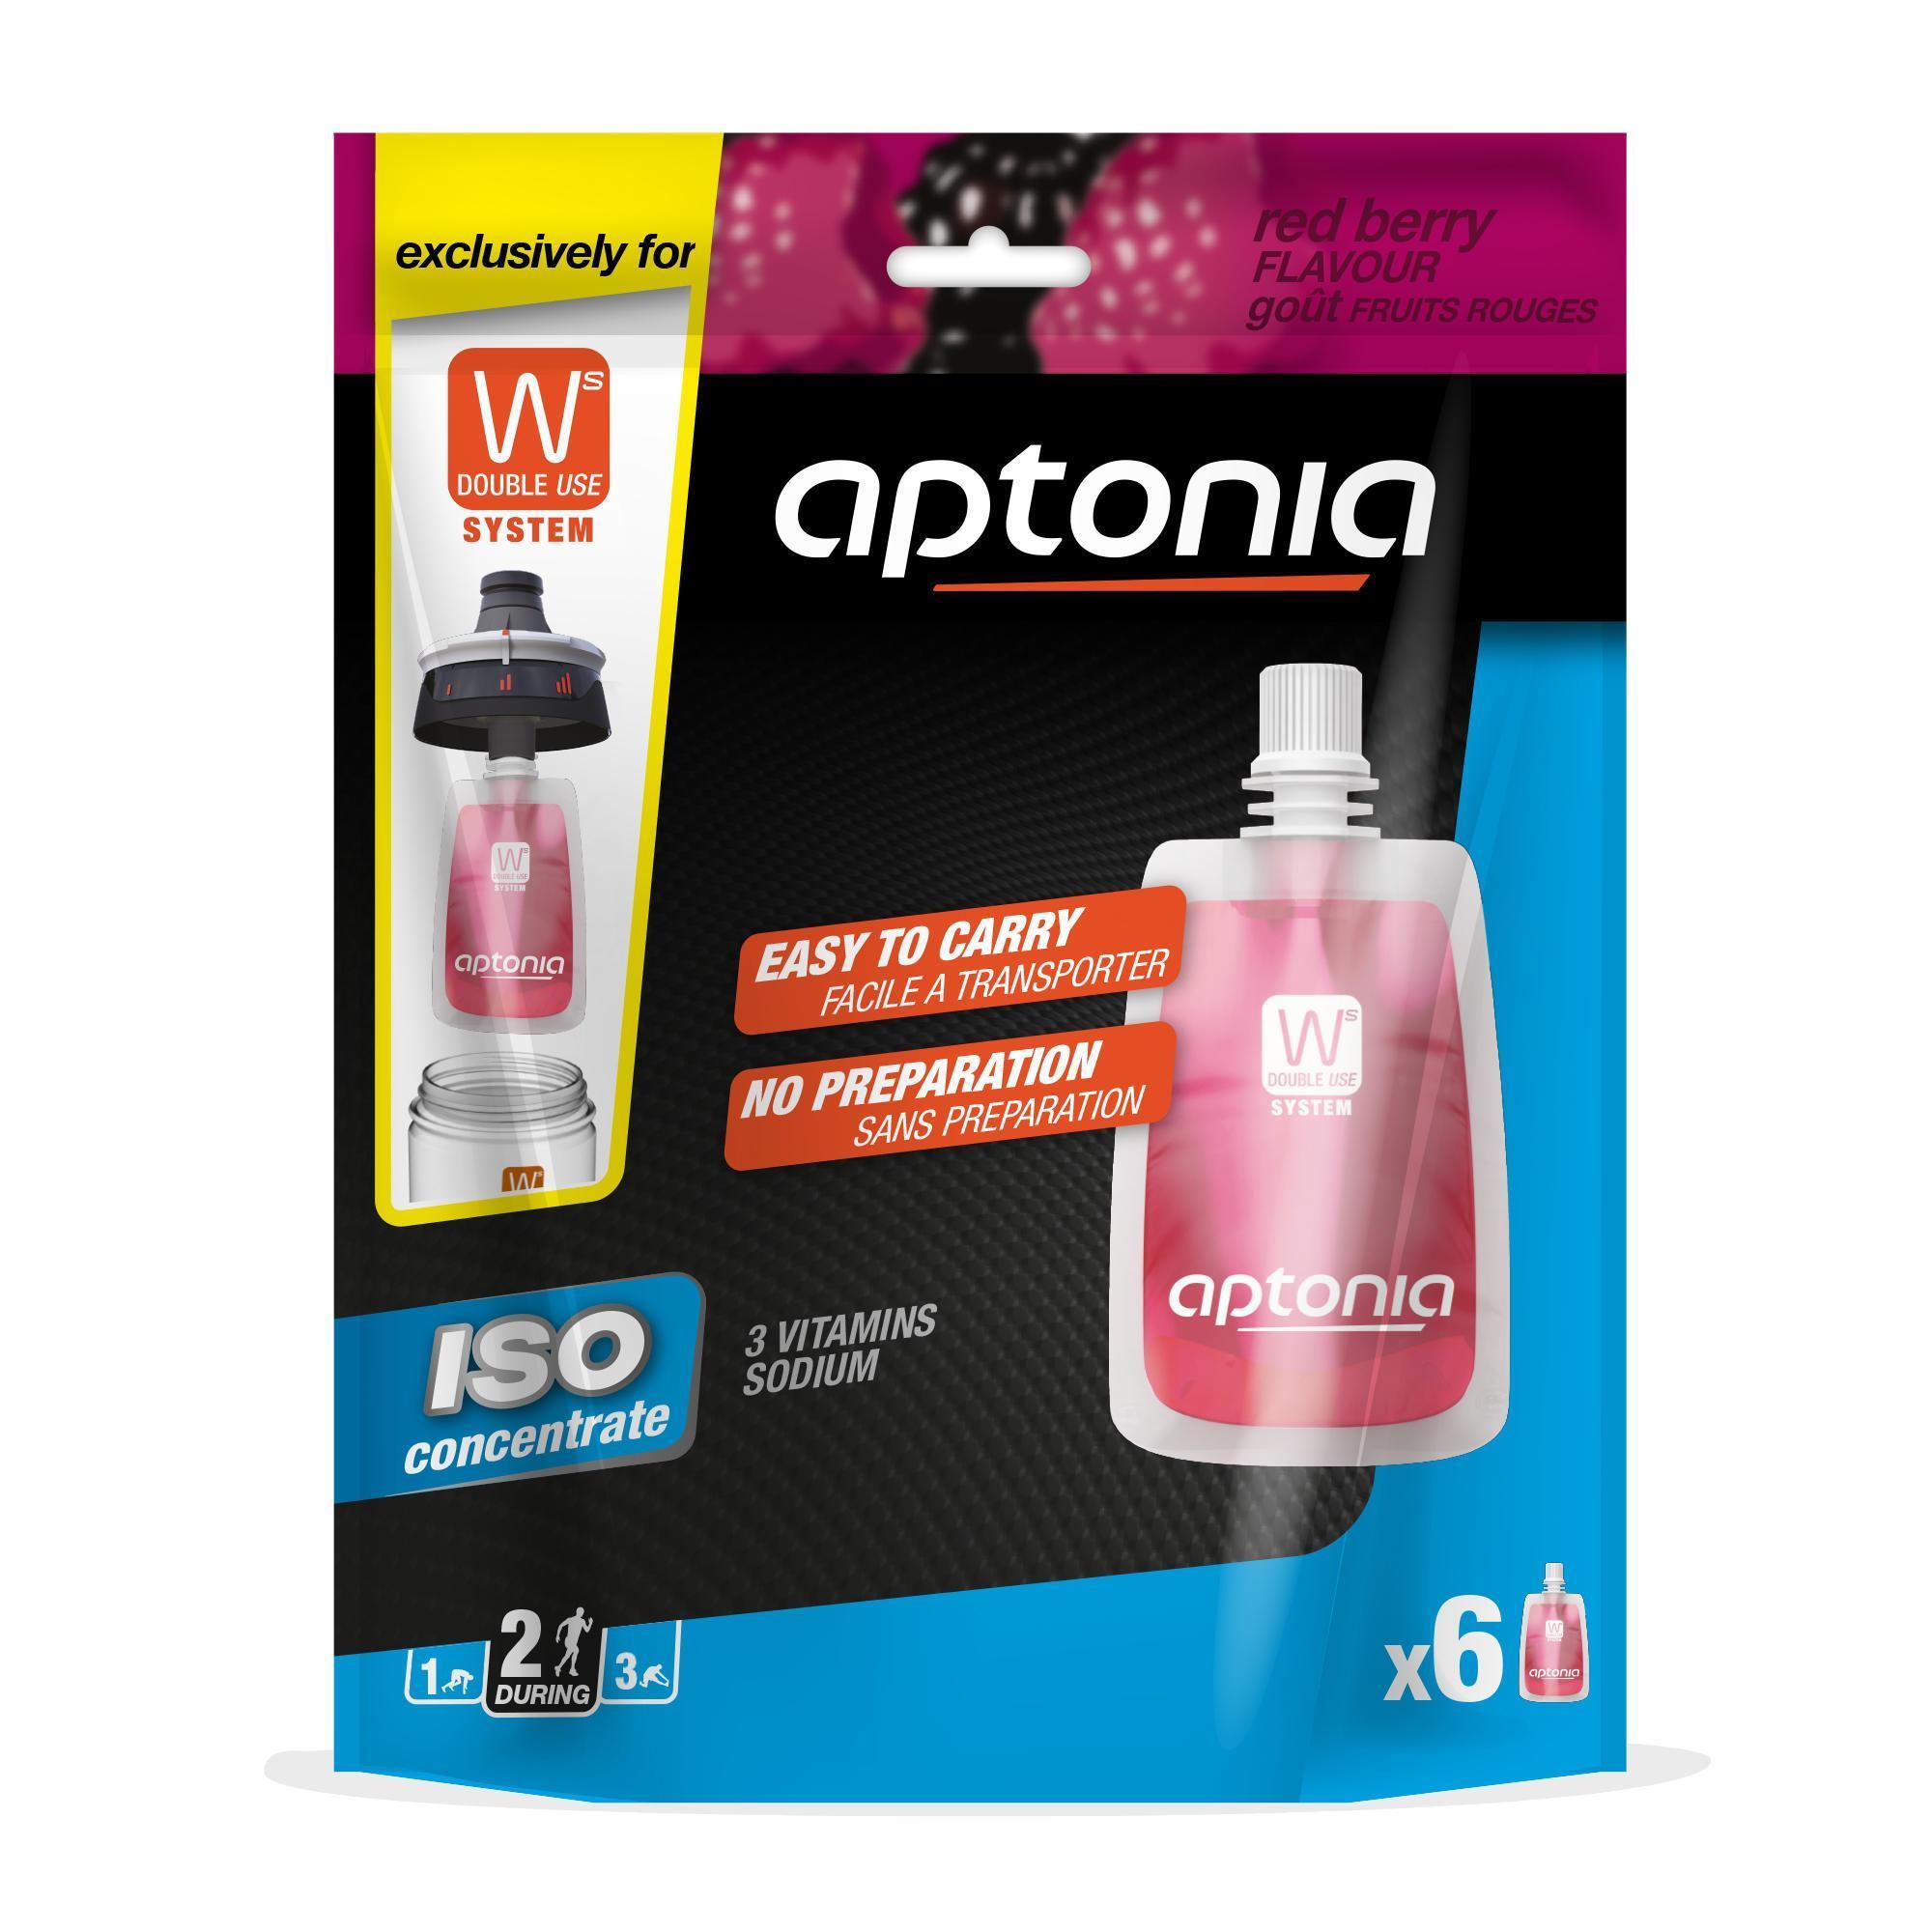 Aptonia Zakjes isotone sportdrank ISO+ rode vruchten 6x 43 ml kopen? Sport>Sportvoeding & sportdrank>Sportvoeding tijdens inspanning met voordeel vind je hier